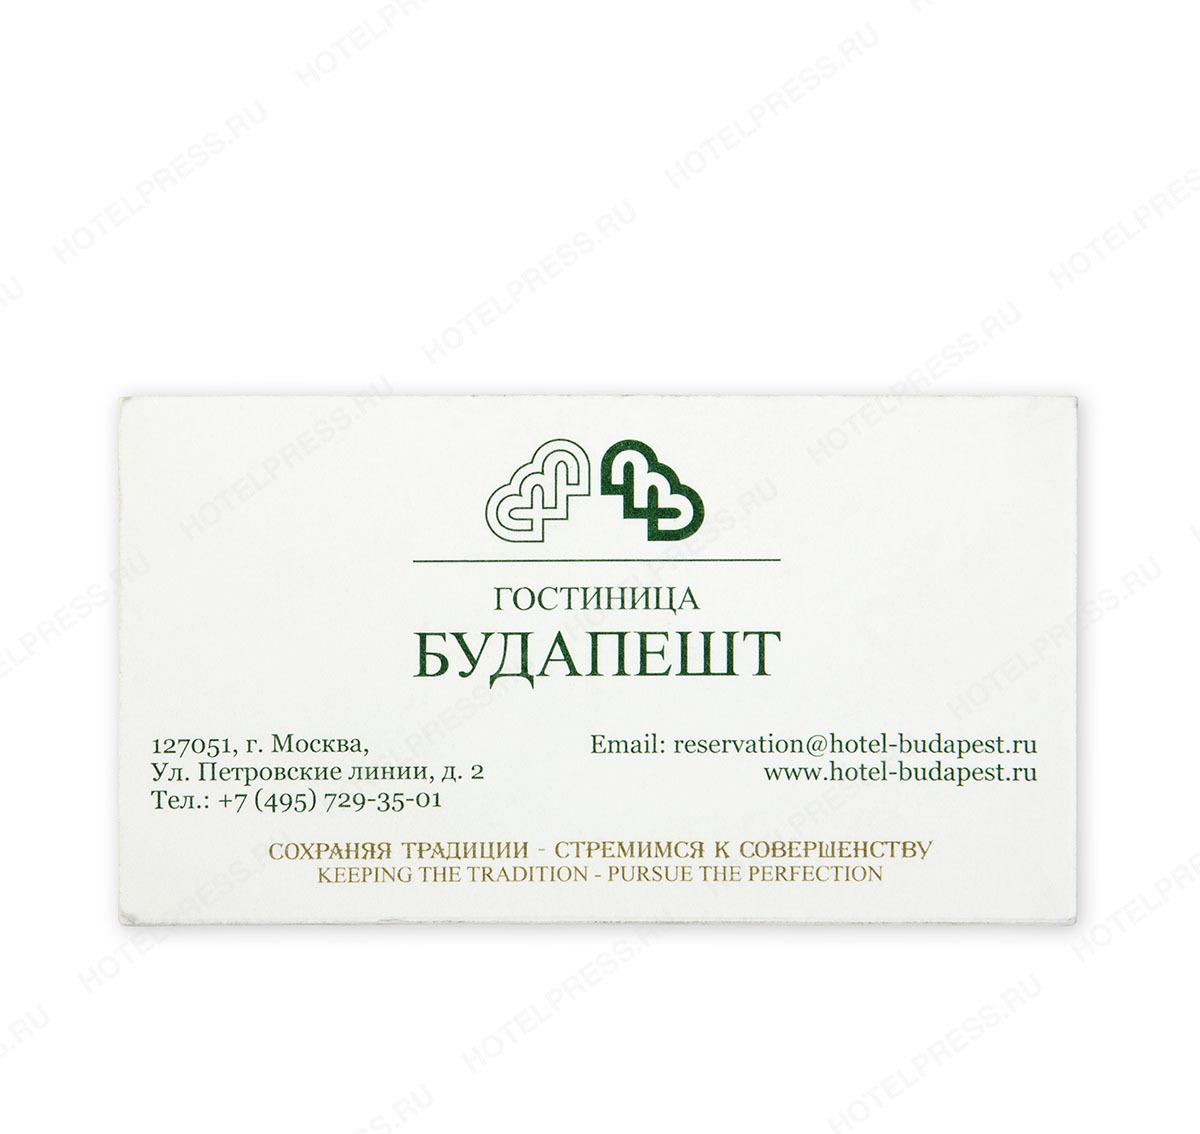 визитка корпоративная